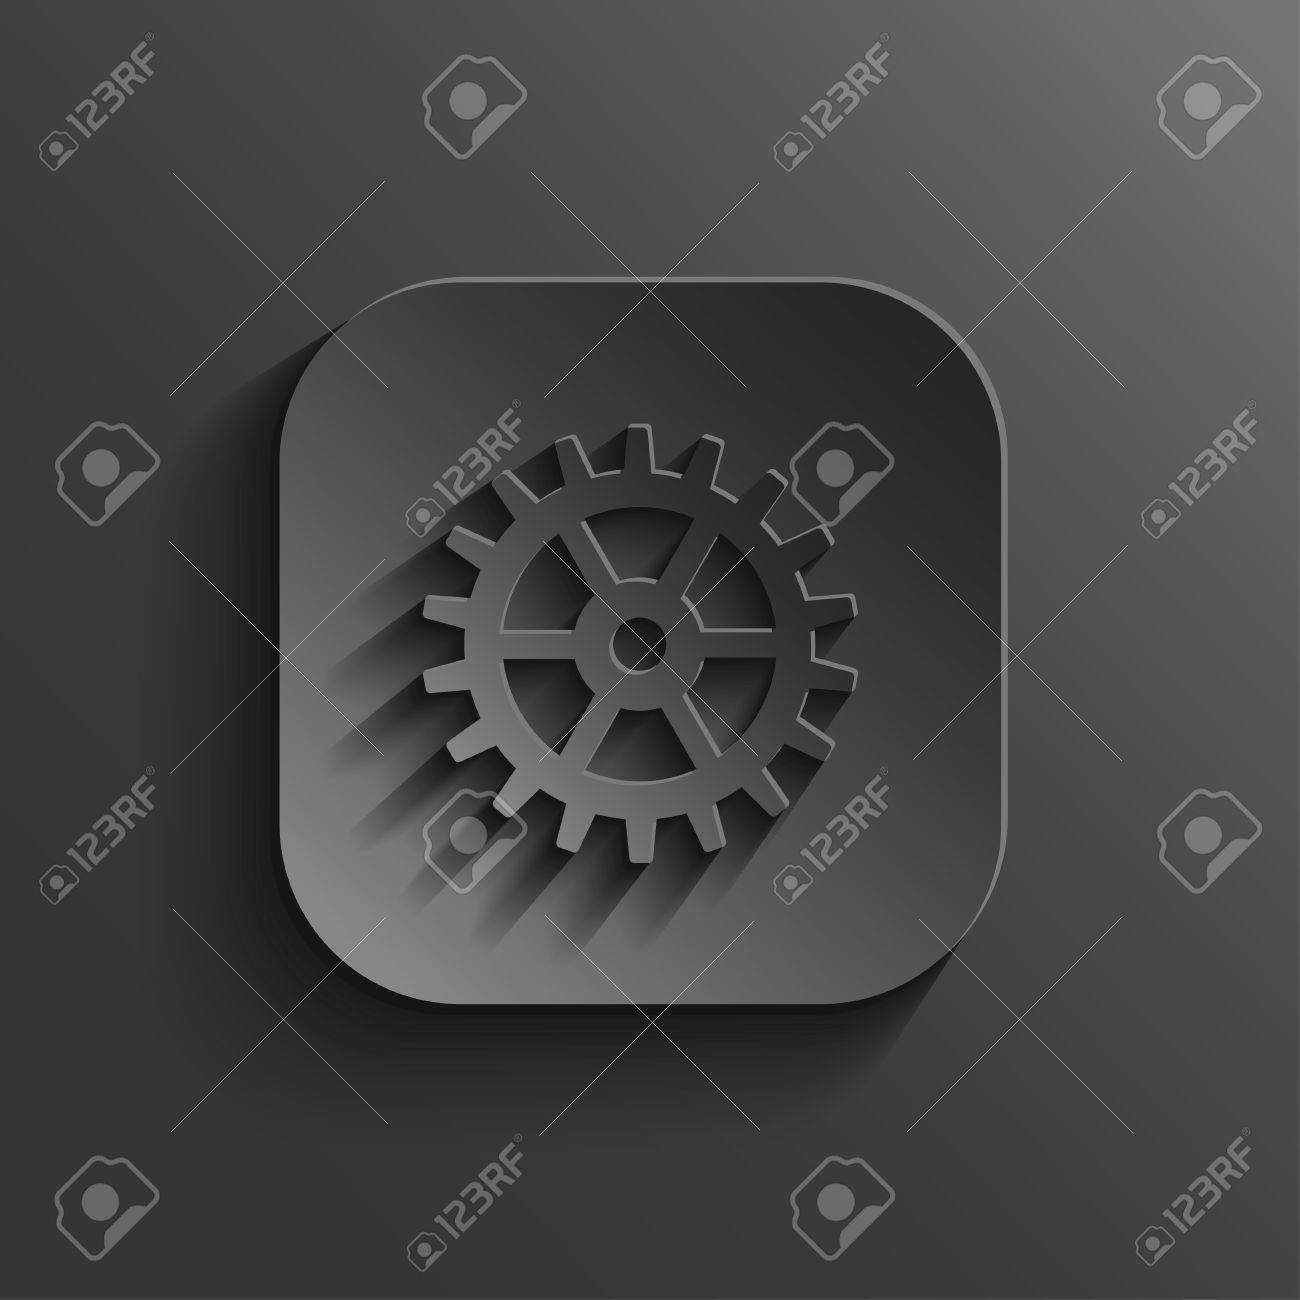 Gear icon - vector black app button Stock Vector - 20988968